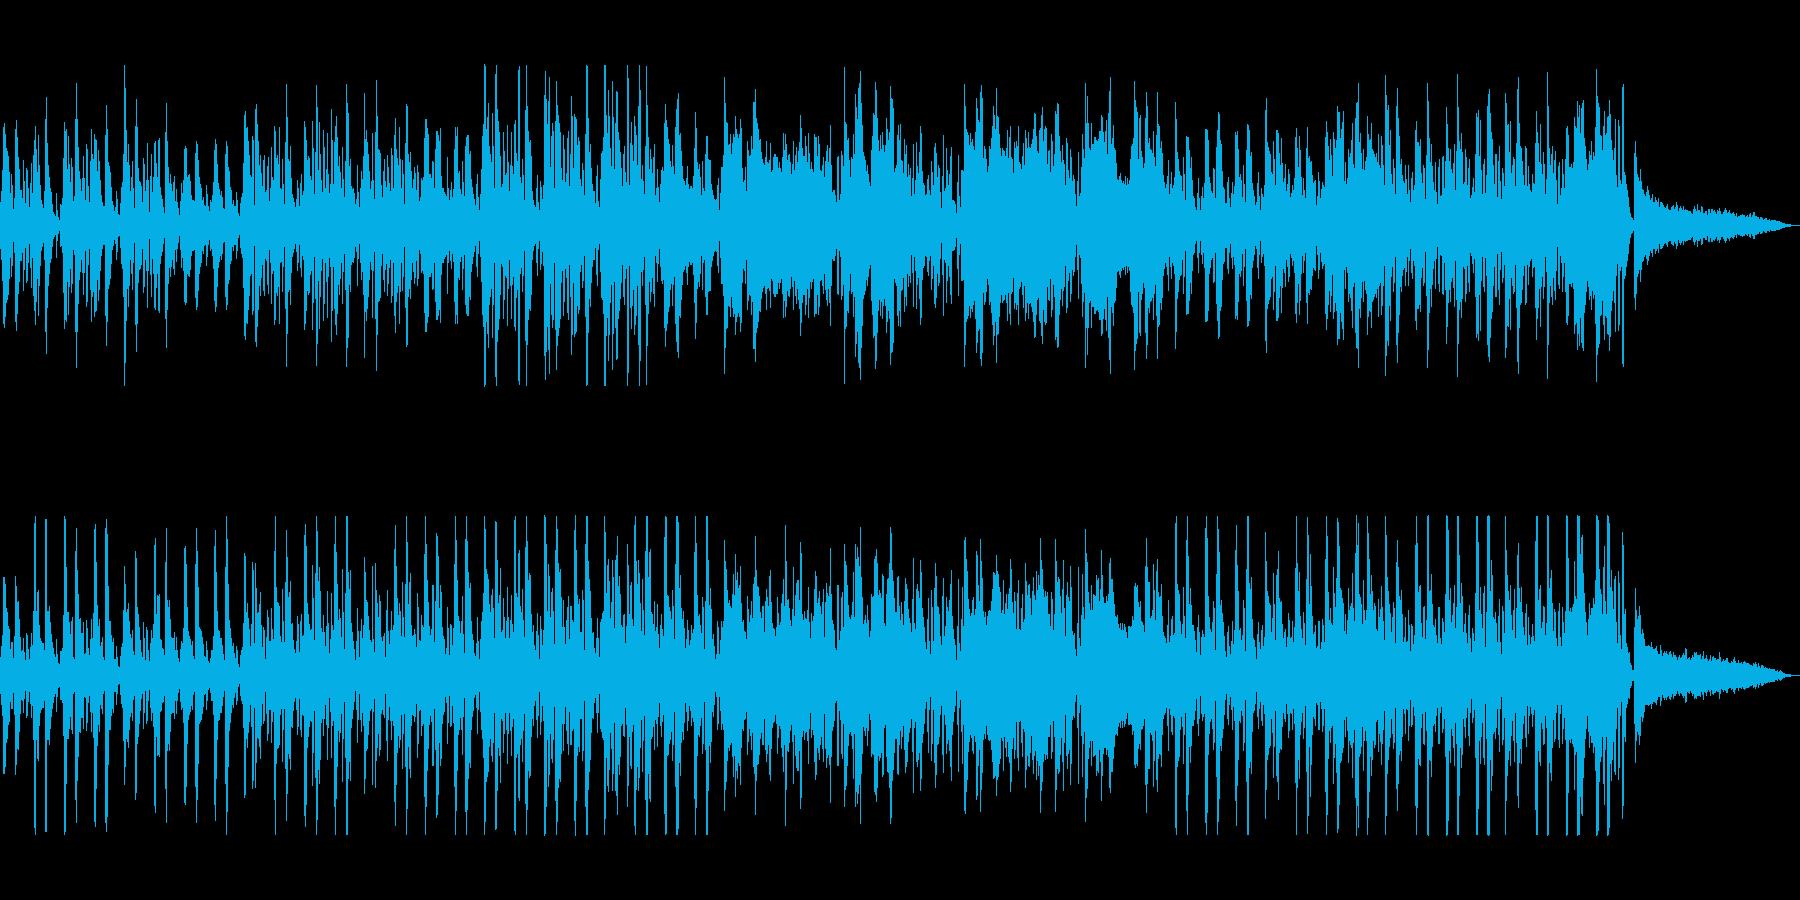 ストリングスとドラムスの小刻みの行進曲の再生済みの波形